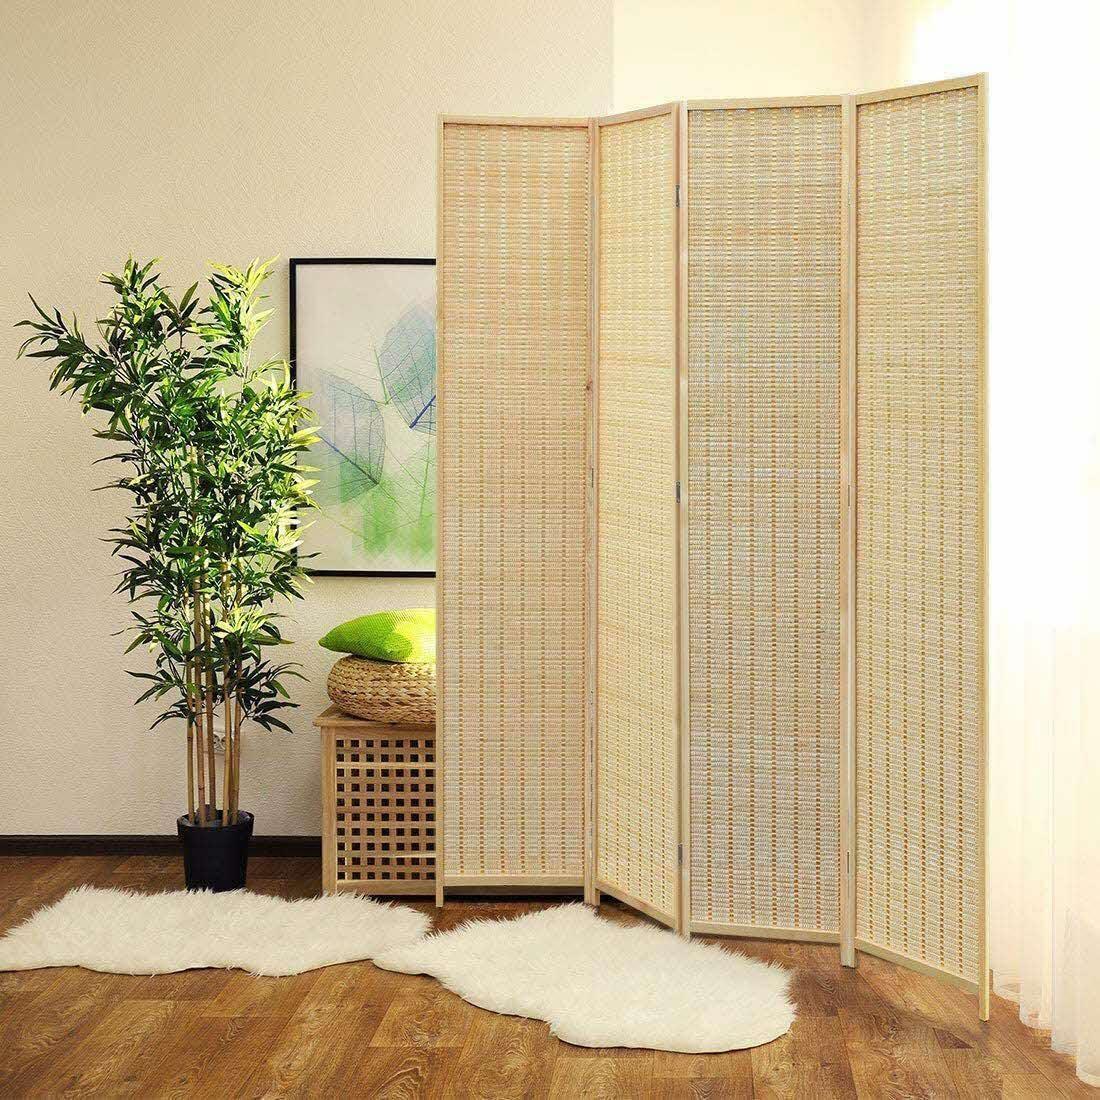 Bosan Dengan Tampilan Rumah? Simak Ide Dekorasi Kerajinan Bambu Berikut!